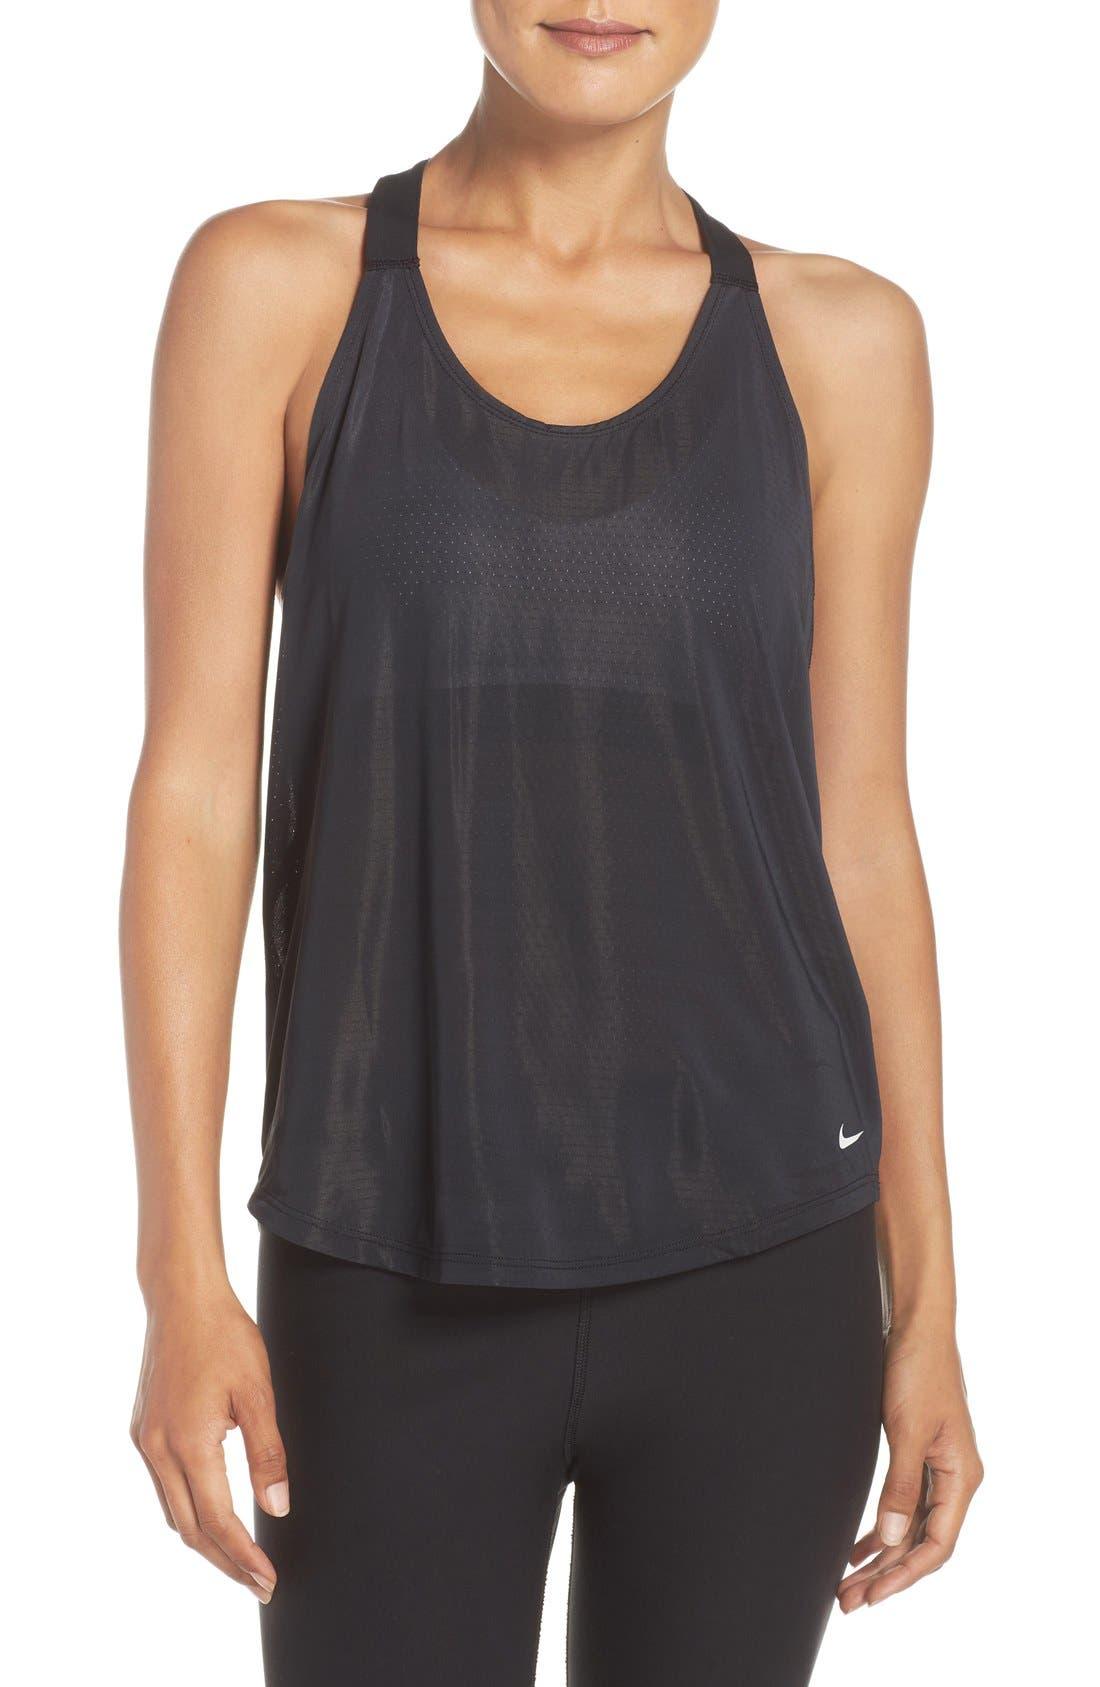 Alternate Image 1 Selected - Nike 'Elevate' Racerback Dri-FIT Tank (Regular Retail Price: $40.00)